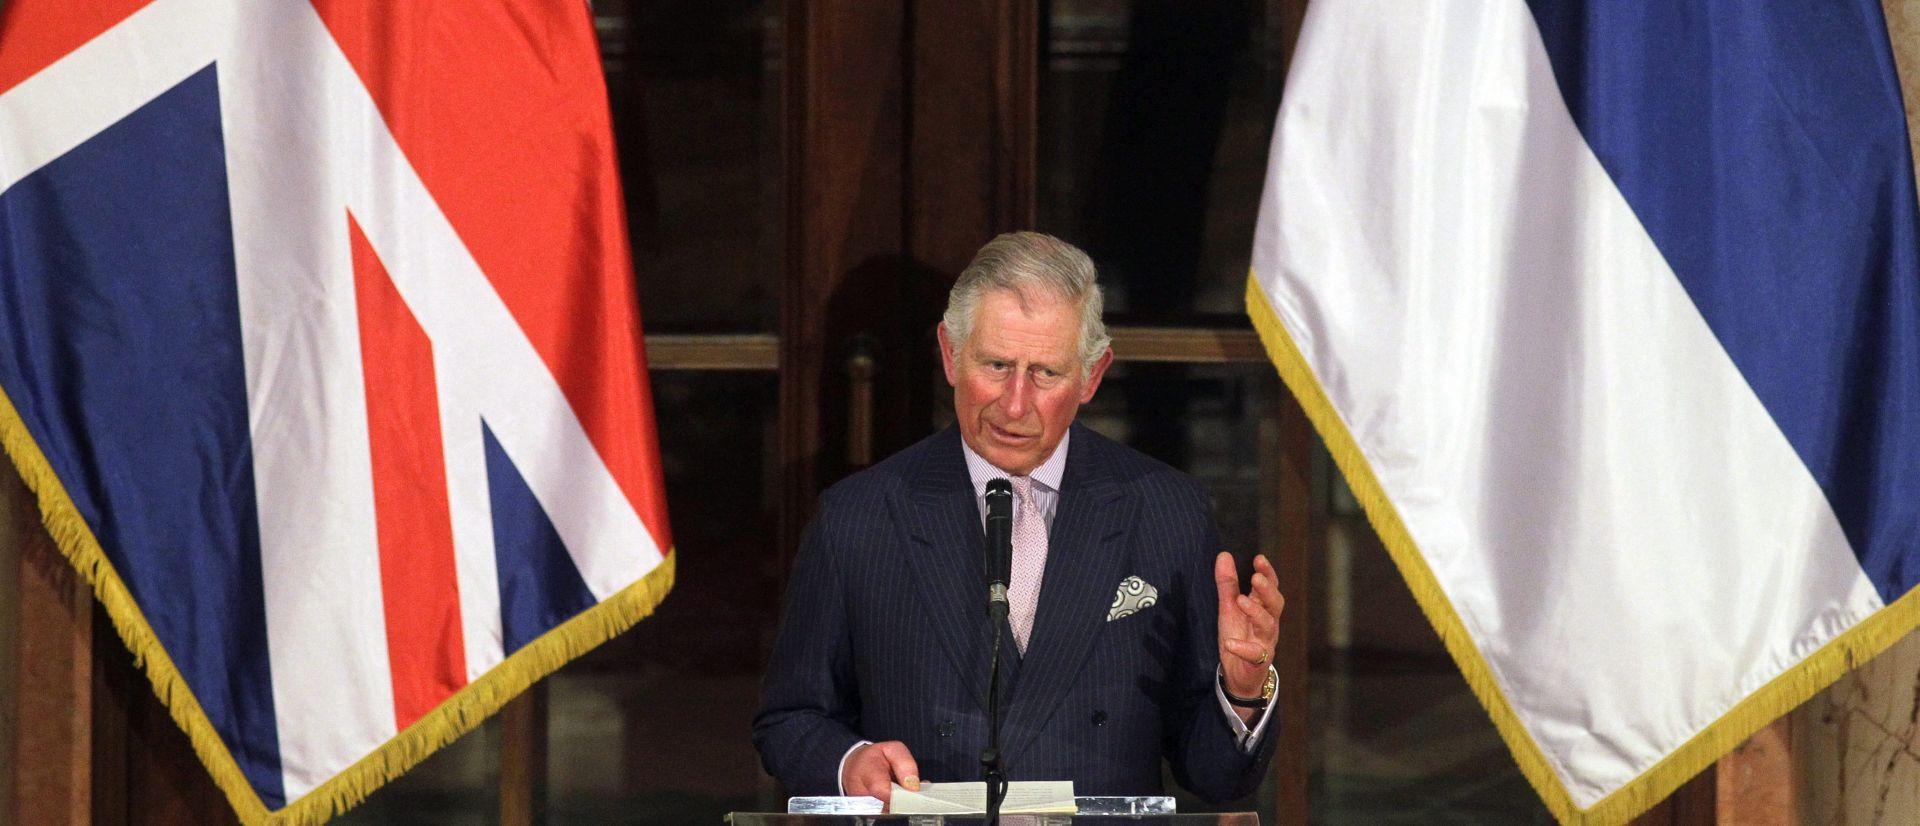 VIDEO: Princ Charles na čelu organizacije Commonwealth